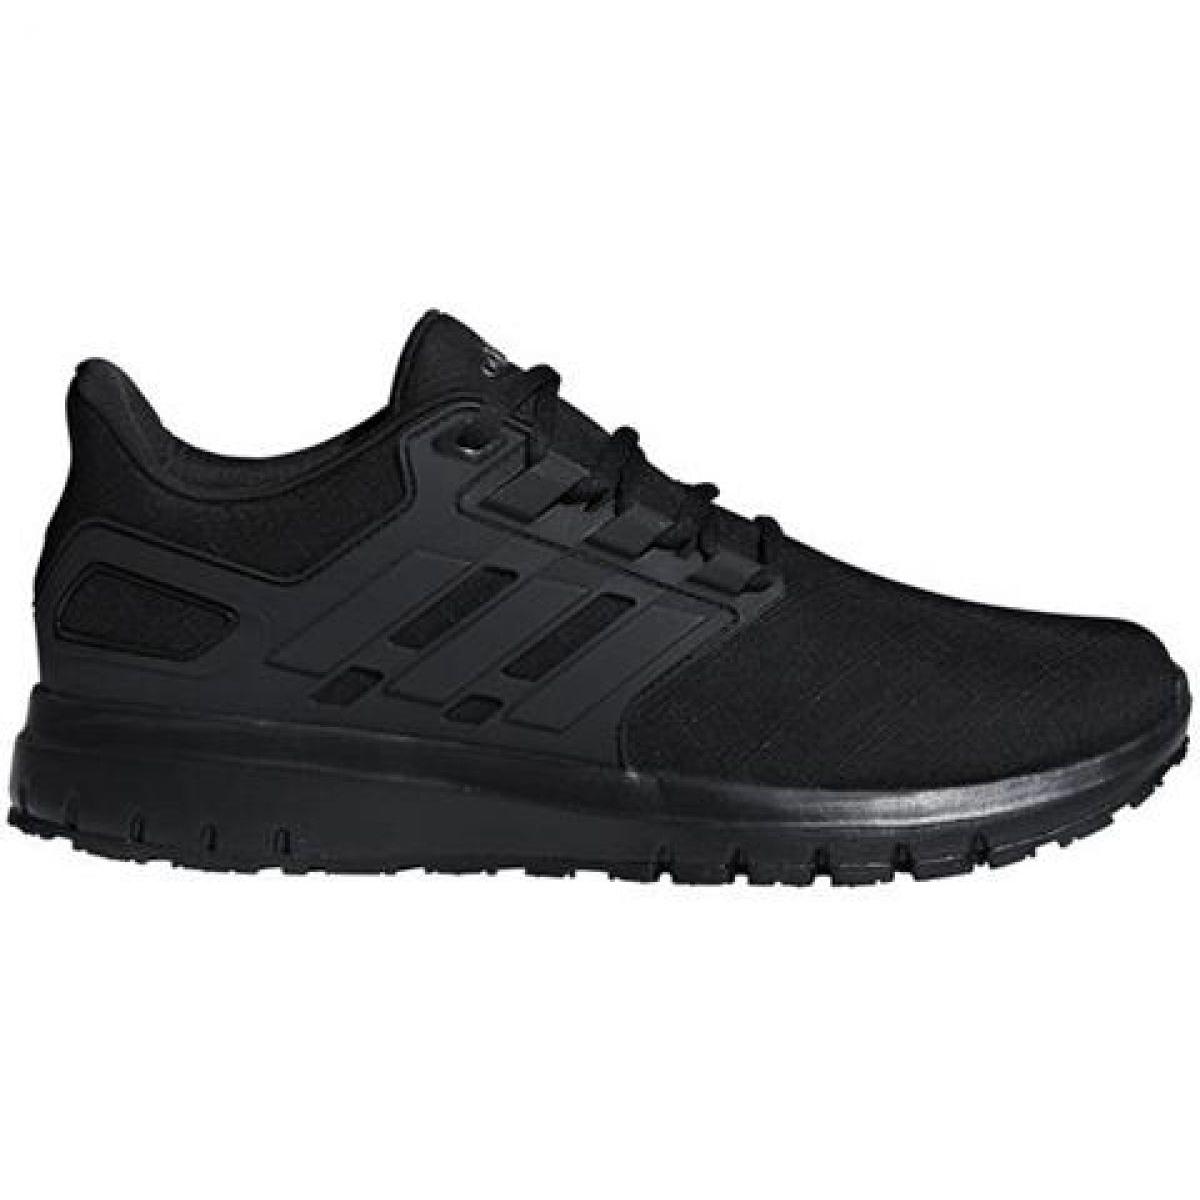 Noir Chaussures de running adidas Energy Cloud 2 M B44761